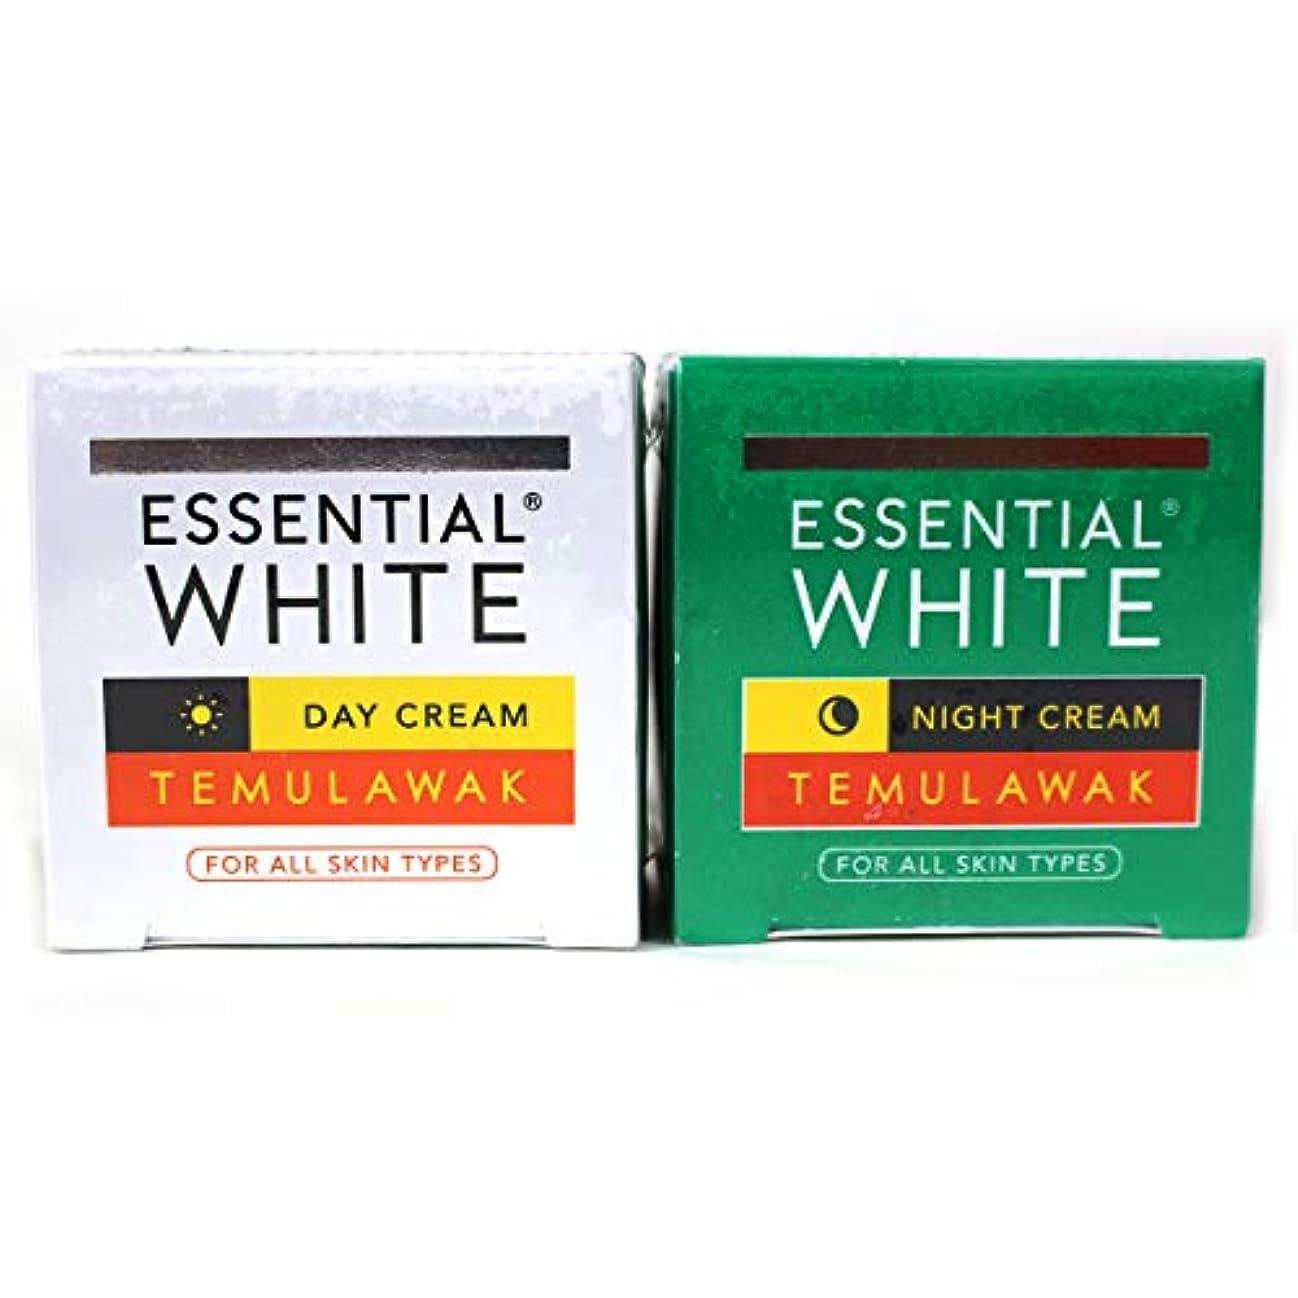 通常彼らの夜明けにギジ gizi Essential White フェイスクリーム ボトルタイプ 日中用&ナイト用セット 9g ×2個 テムラワク ウコン など天然成分配合 [海外直送品]